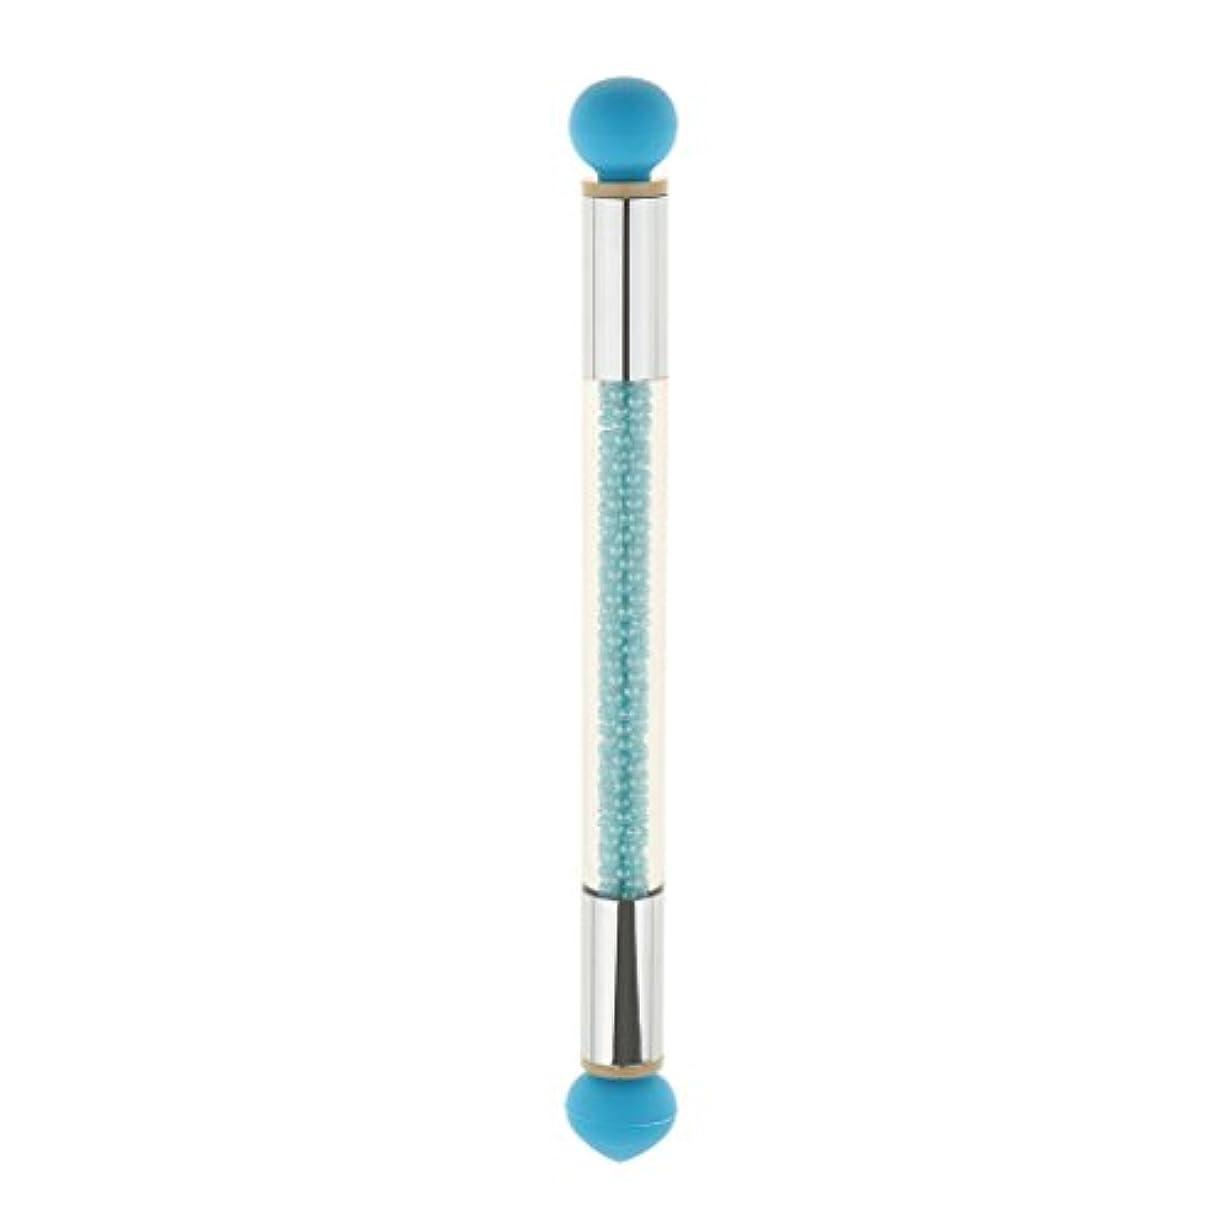 有名ペインギリック治すネイルアート ドットペン シリコーン 点滴ブラシペン 点描ペン ネイルデザイン 5色選べ - タイプ1